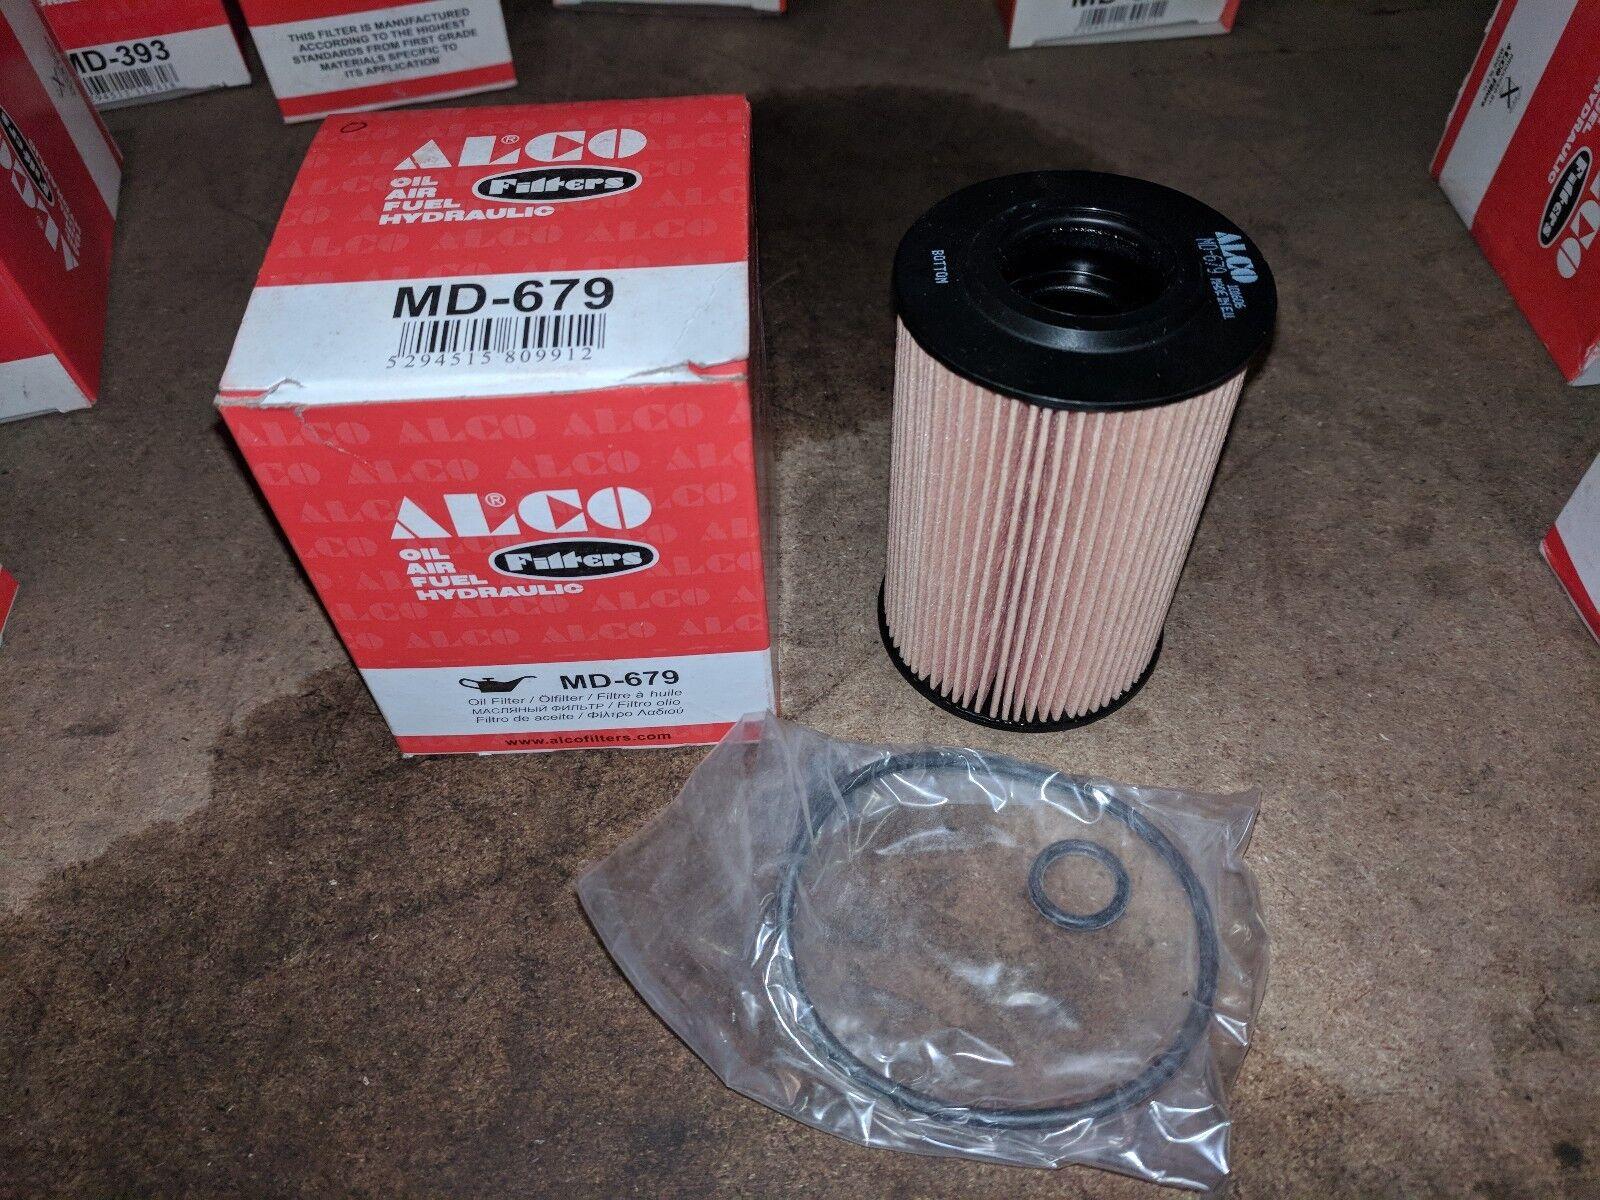 1x md-007 Alco Filtre Filtre à huile pour MG AUSTIN-HEALEY